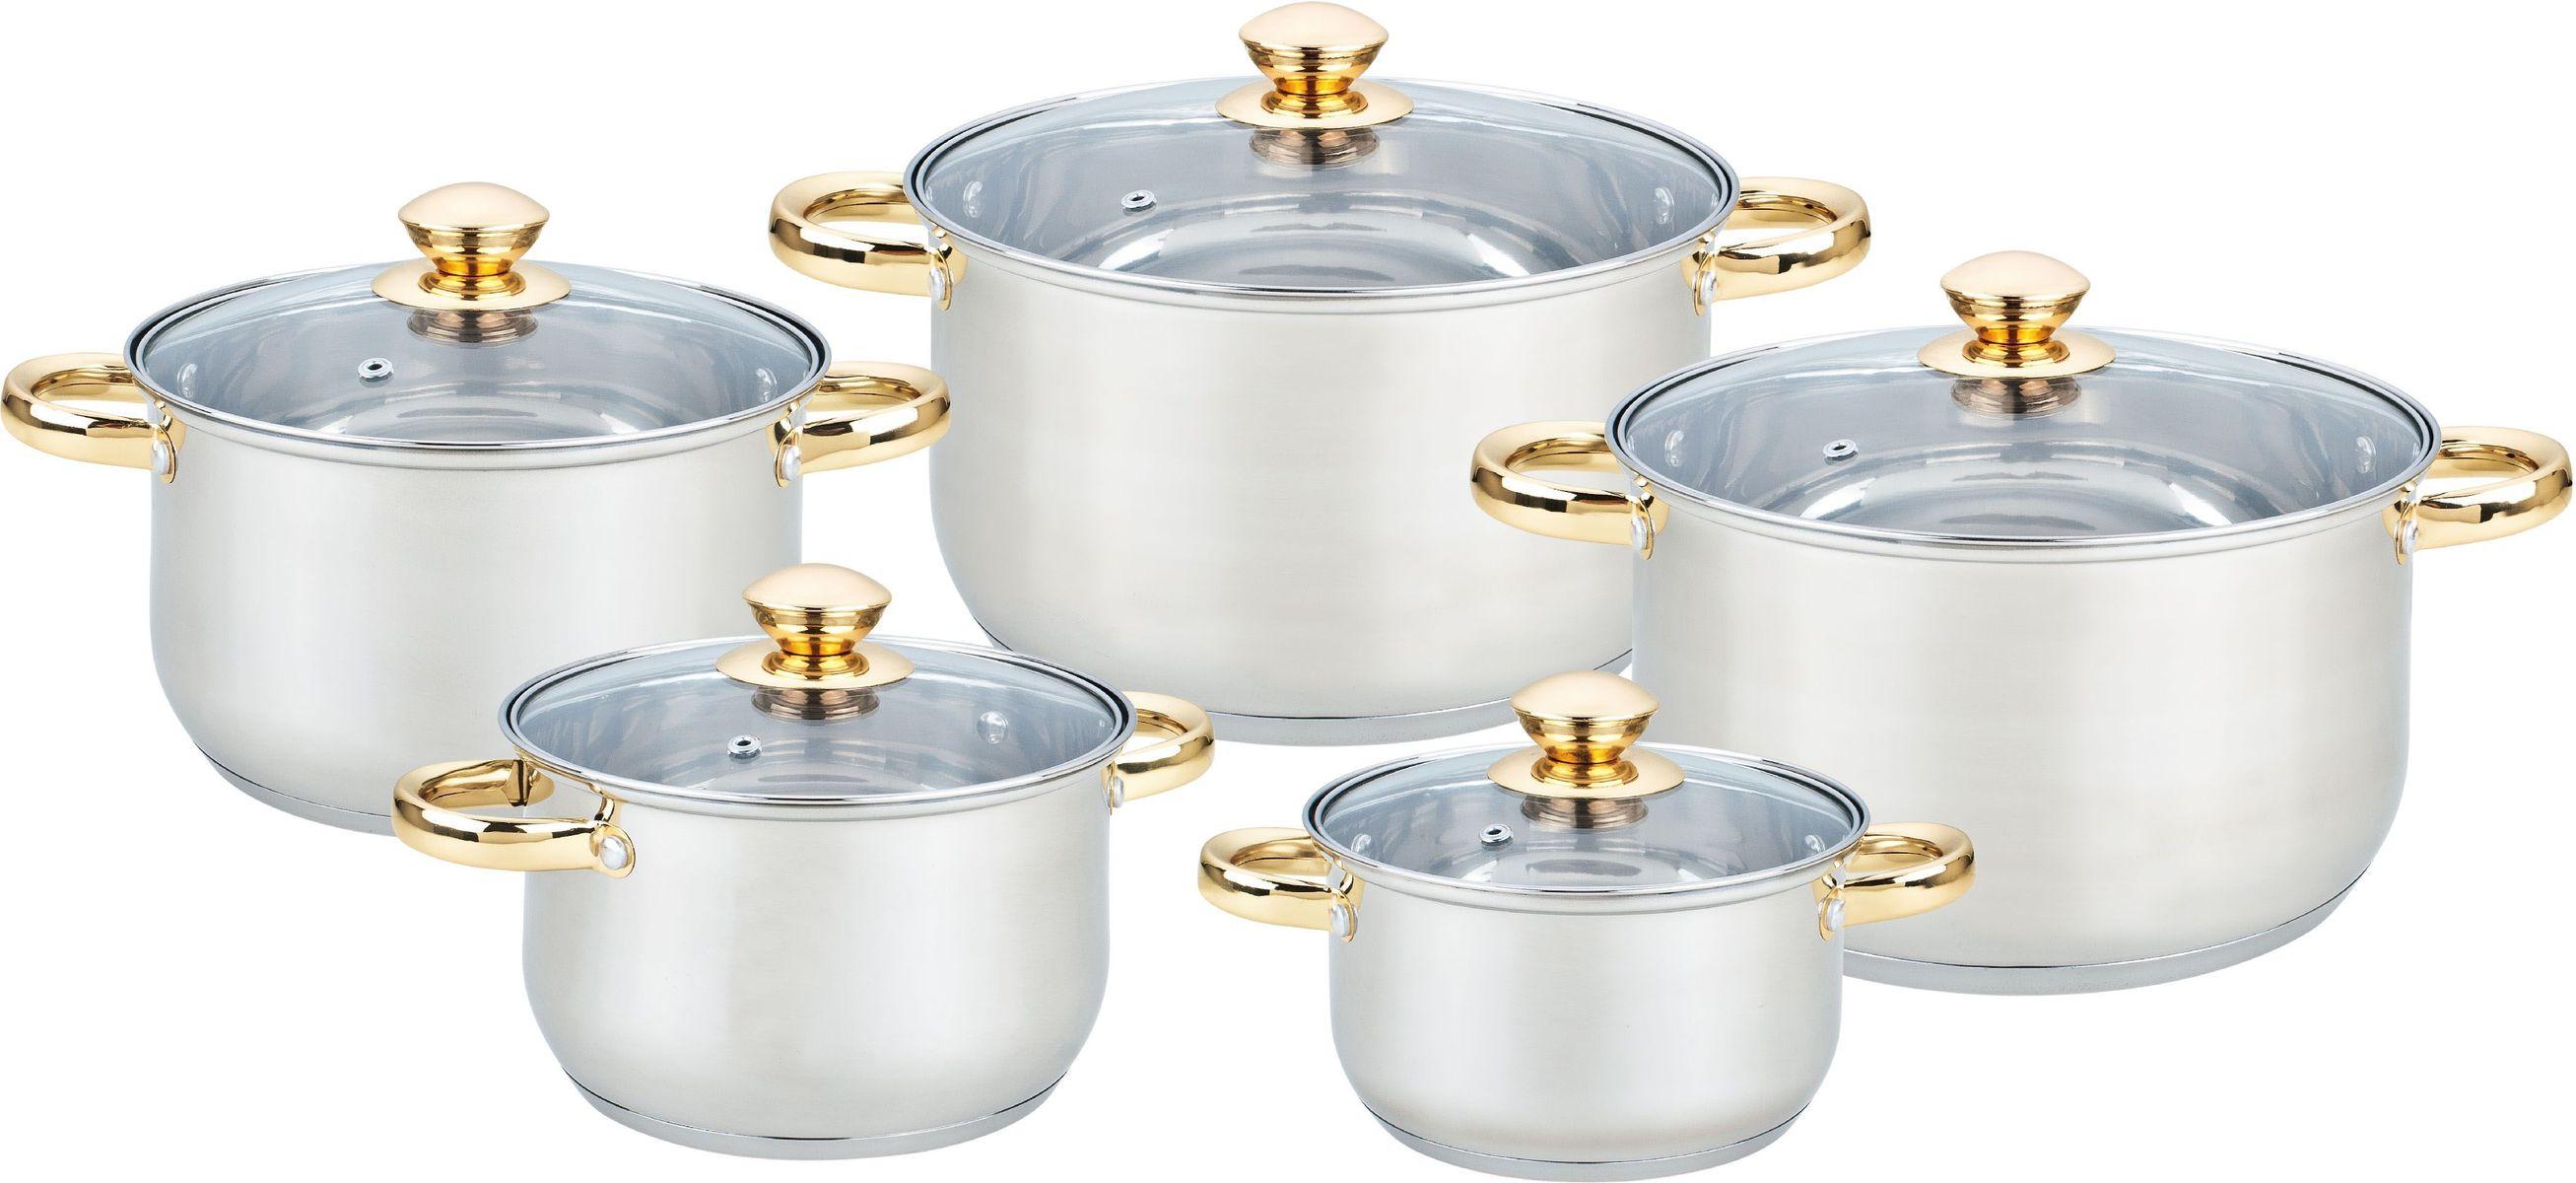 Набор посуды Bekker Jumbo. BK-259654 00931210 предметов: 5 кастрюль со стеклянными крышками : 16см/2,1л, 18см/2,9л, 20см/3,9л, 24см/6,5л, 24см/6,5л. Ручки из нерж.стали под золото, поверхность зеркальная, мерная шкала на внутренней стенке, капсулированное дно, толщина стенки 0,5 мм, дна 3,5 мм. Подходит для индукц.плит и чистки в посудомоечной машине. Состав: нержавеющая сталь.